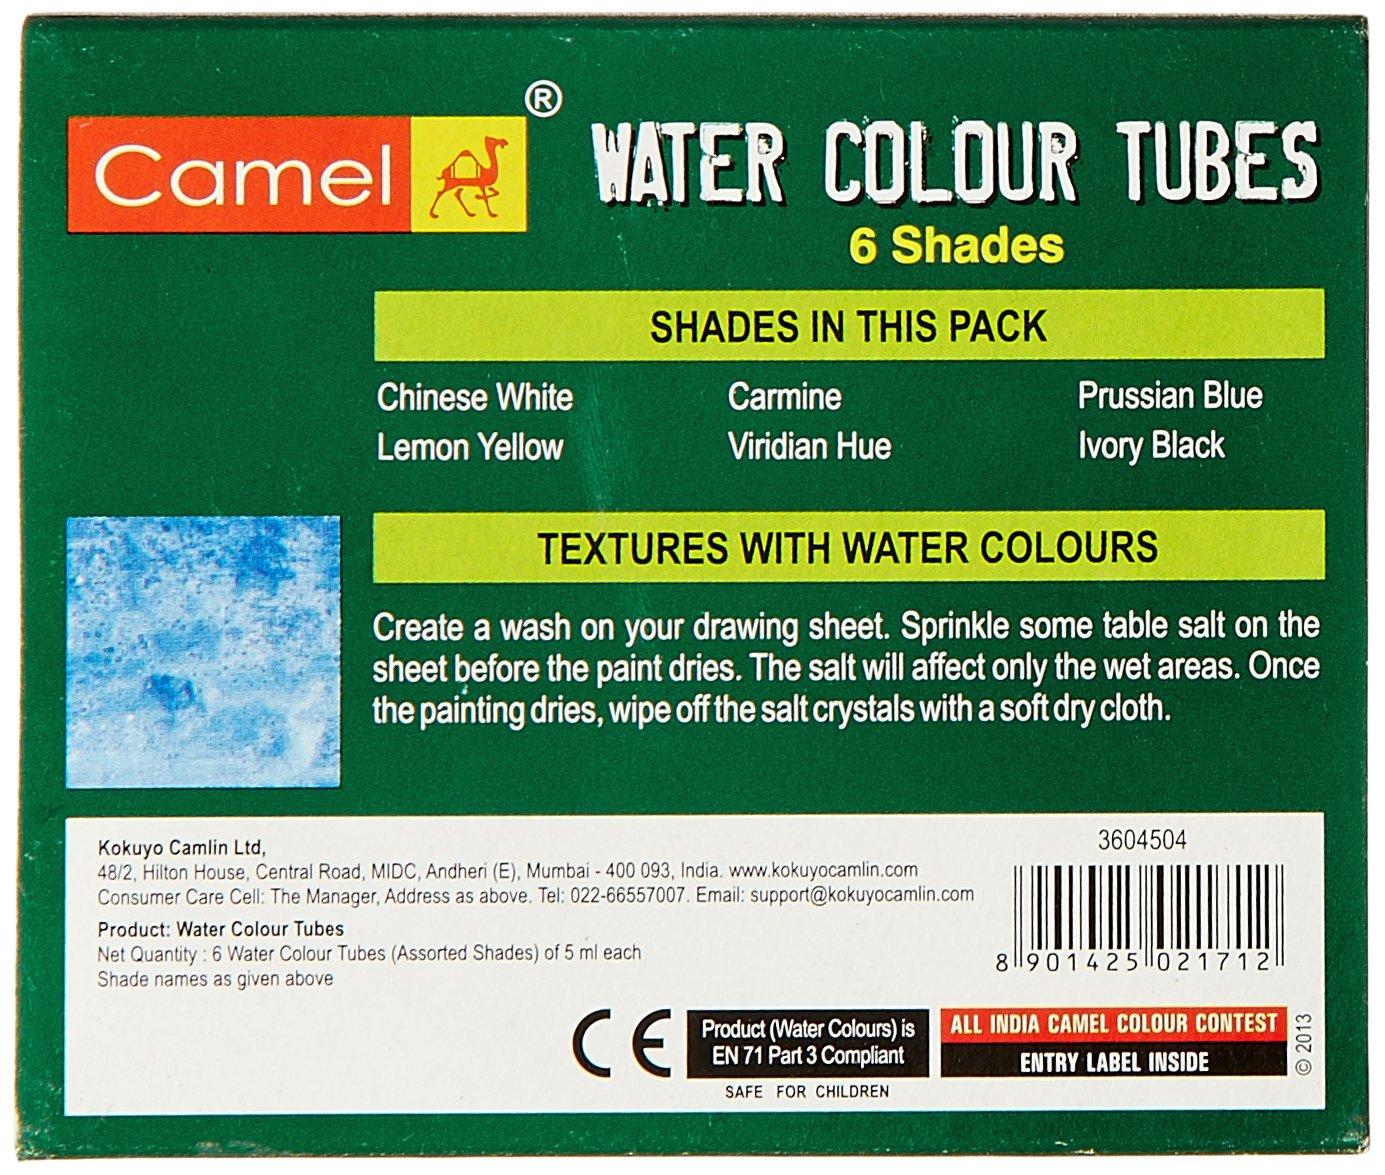 Camlin Kokuyo Student Water Color Tube - 5ml Tubes, 6 Shades